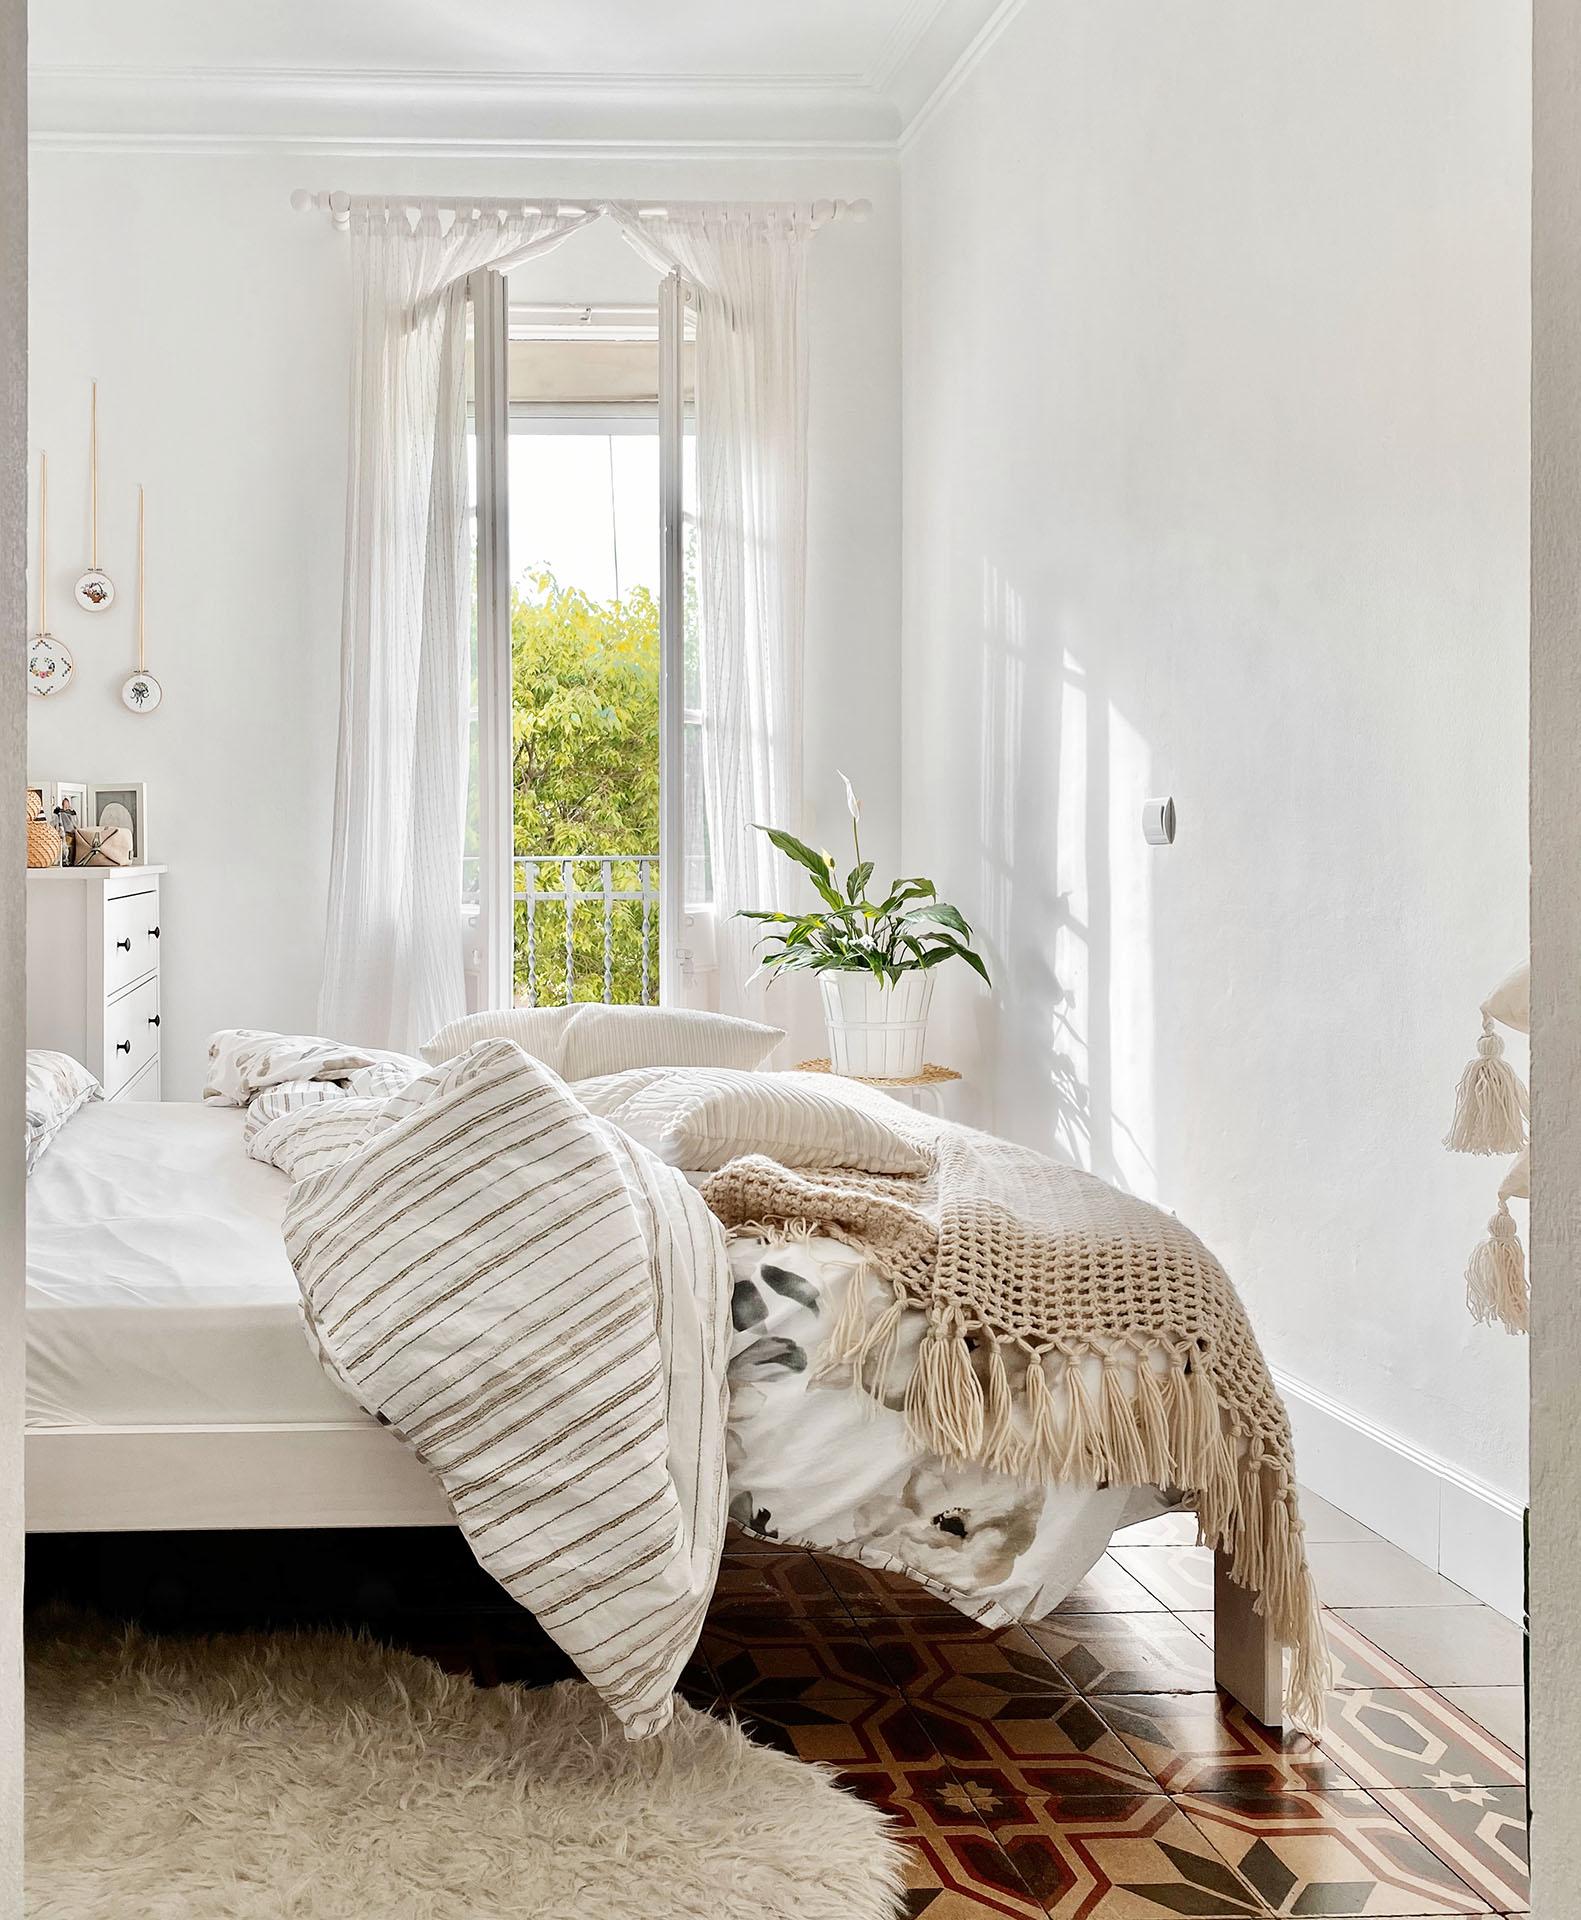 cama de matrimonio de madera